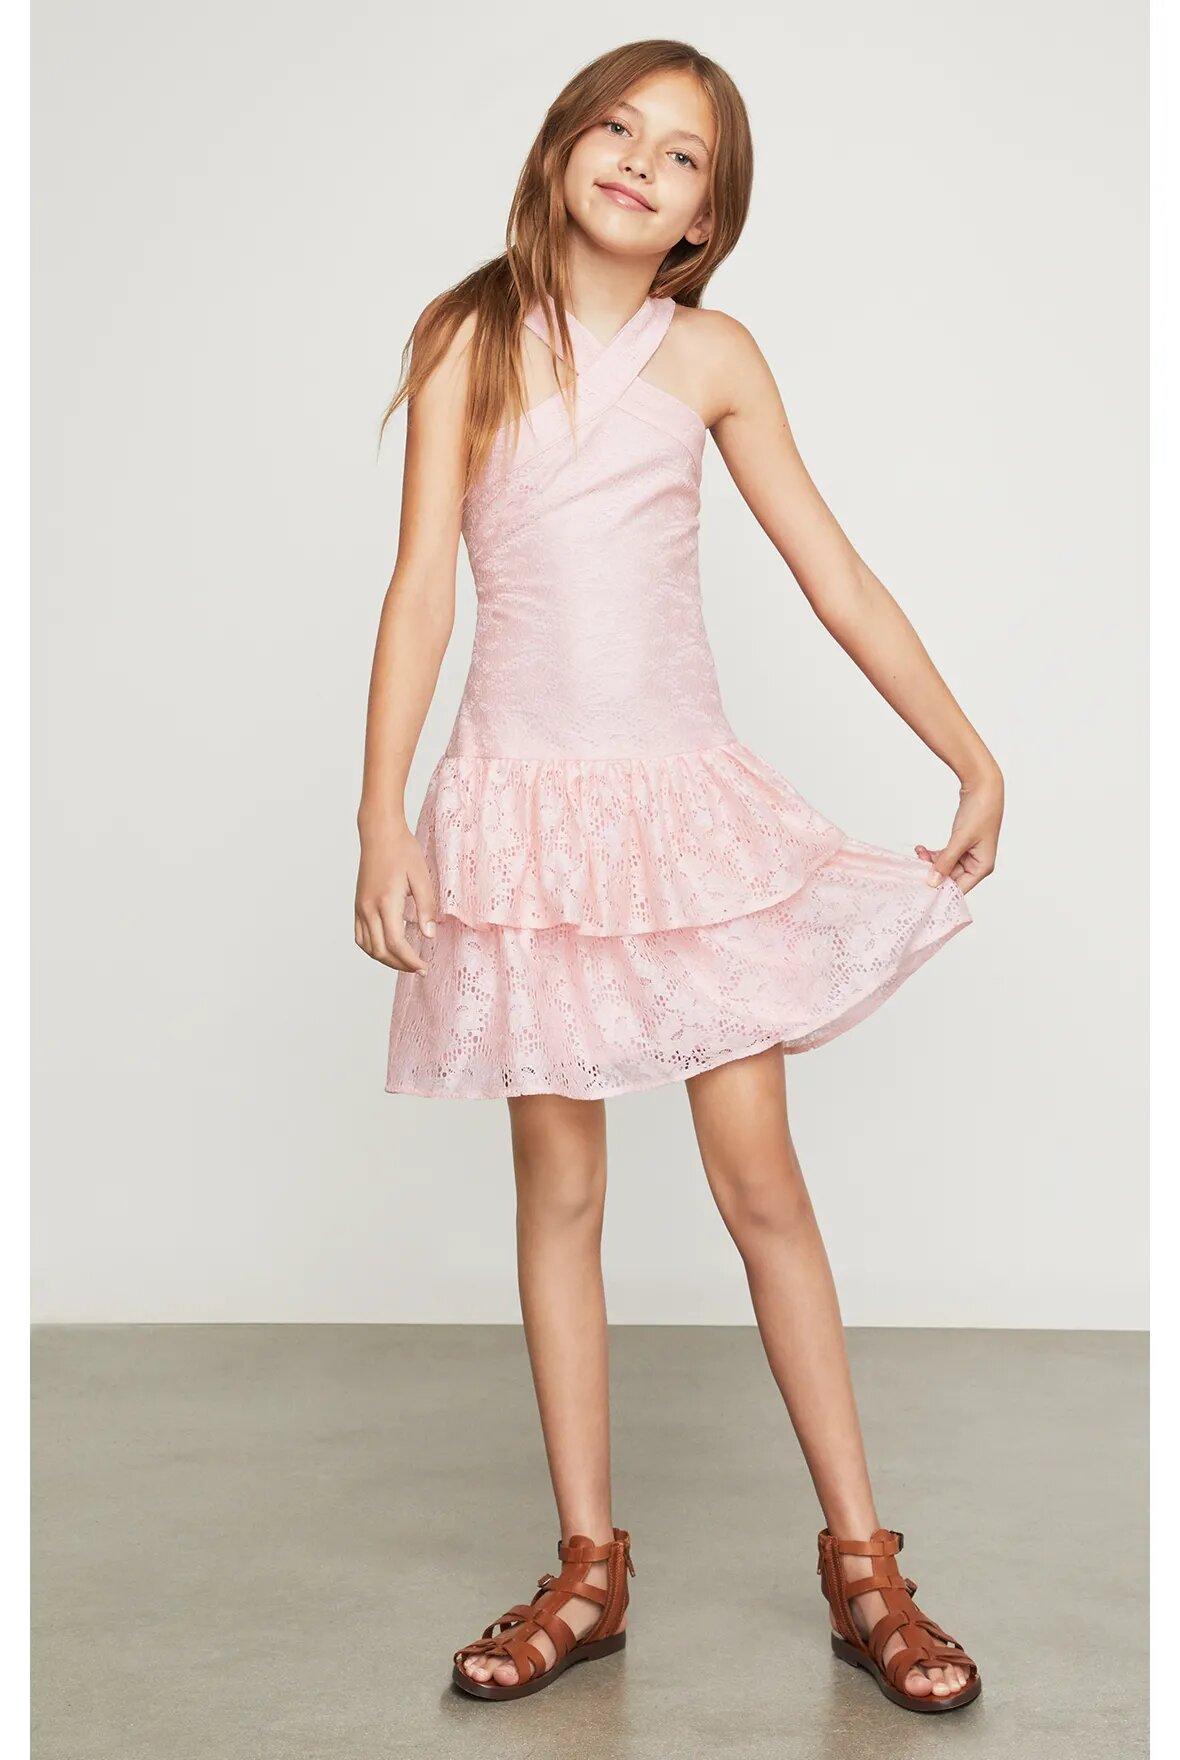 Vestido-halter-BCBGirls-rosa-claro-con-encaje-B838DR205_RPL_b